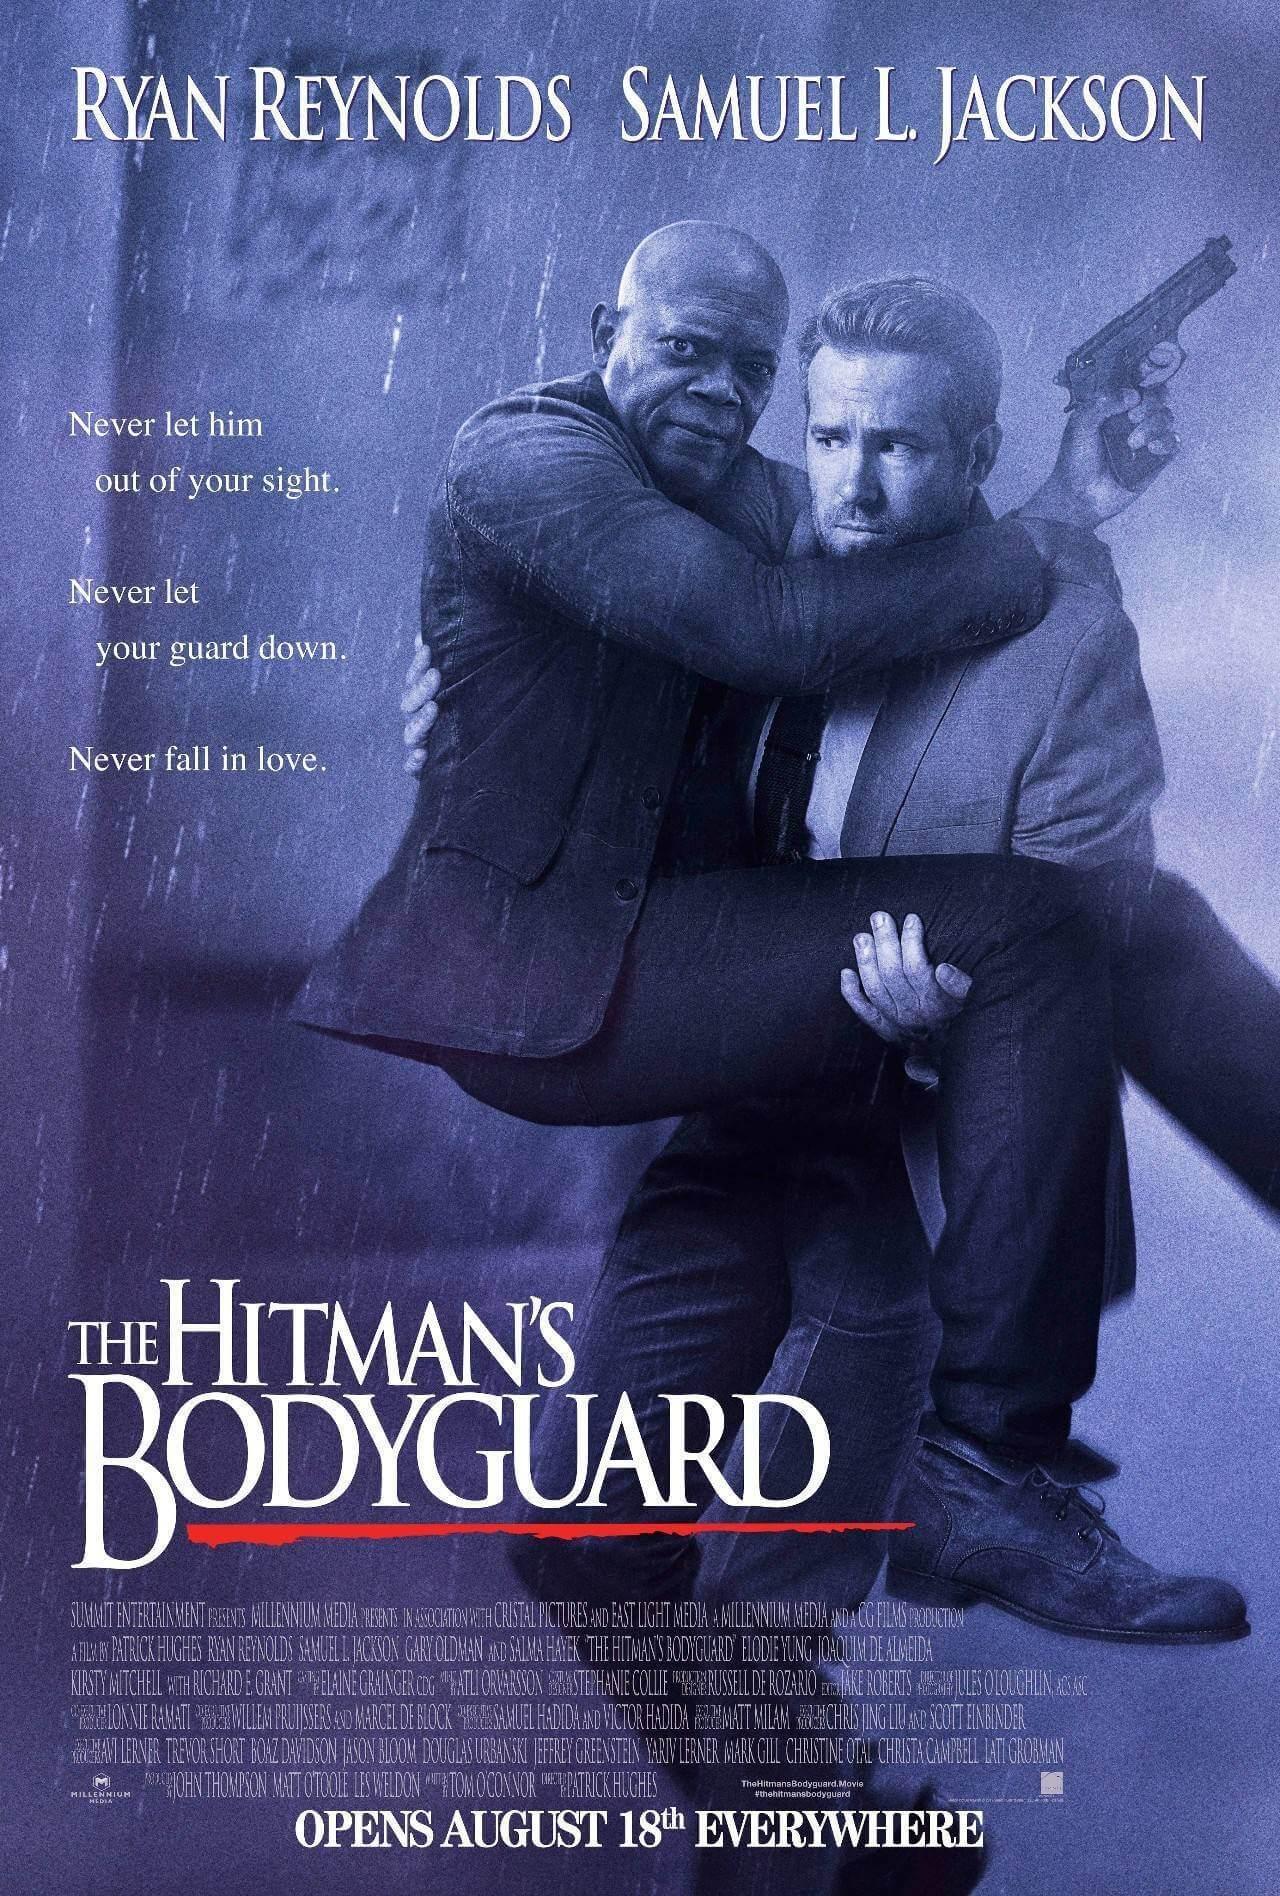 山繆傑克森、萊恩雷諾斯共演刺激又好笑的動作片《殺手保鑣》。